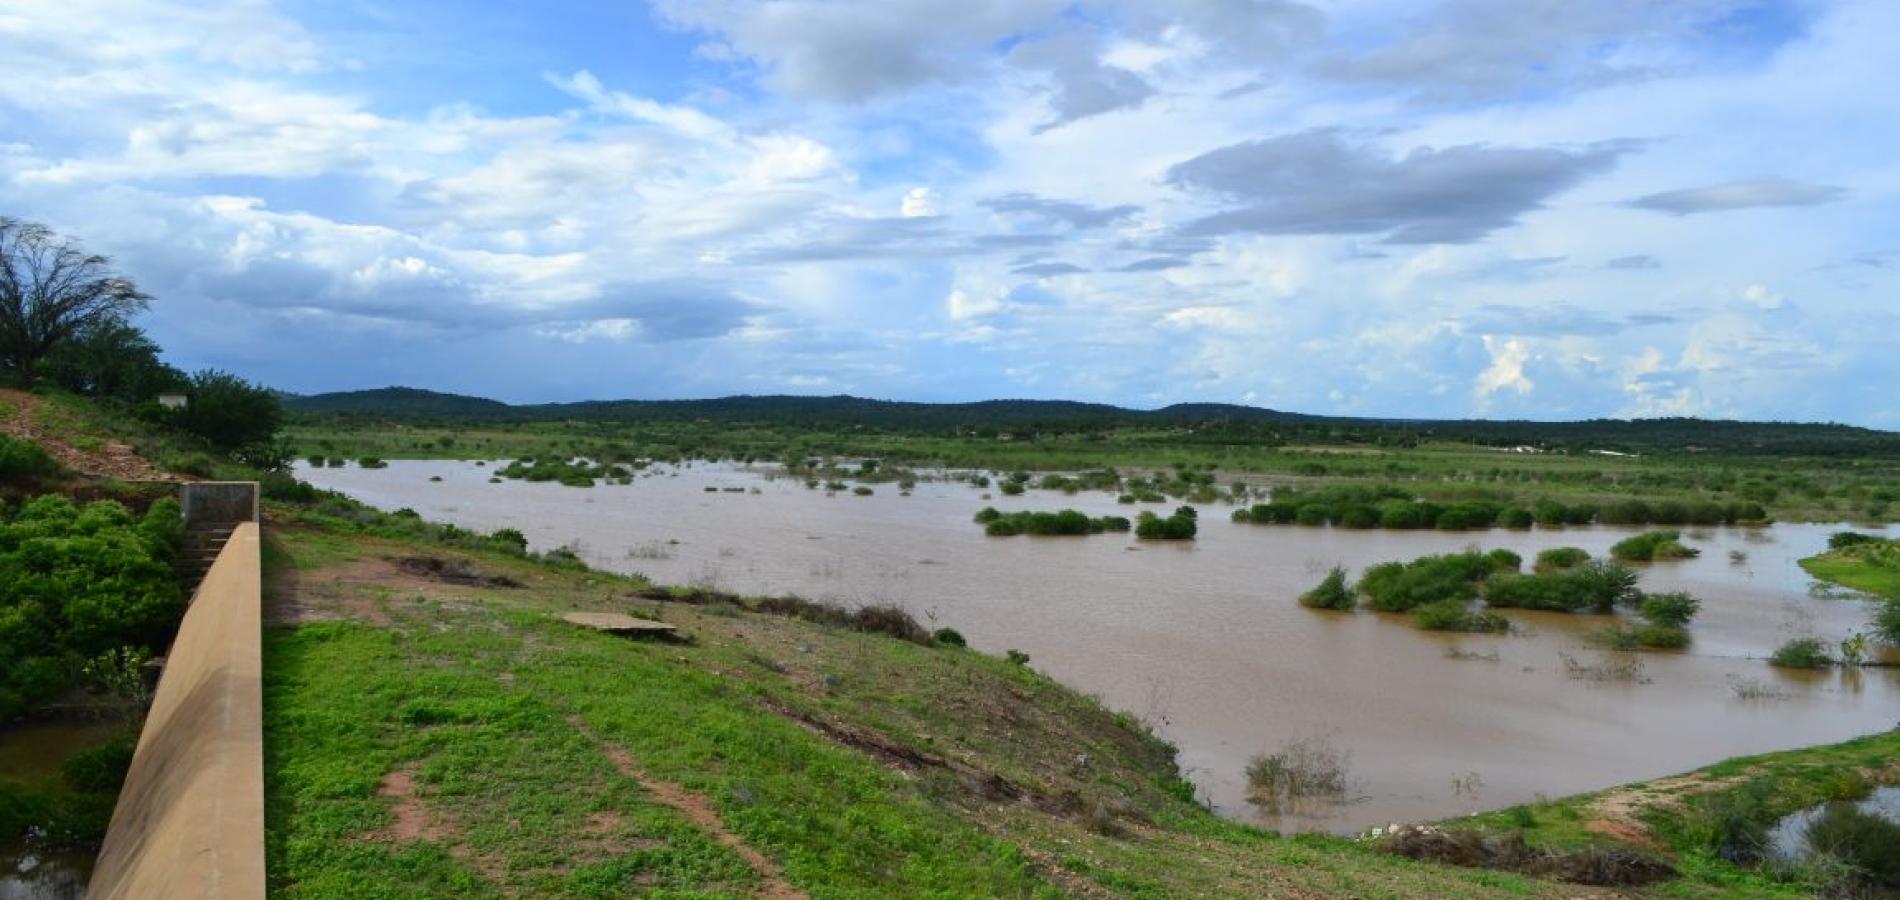 Barragem Cajazeiras em Pio IX receberá mais de R$ 1 milhão para reforma e modernização